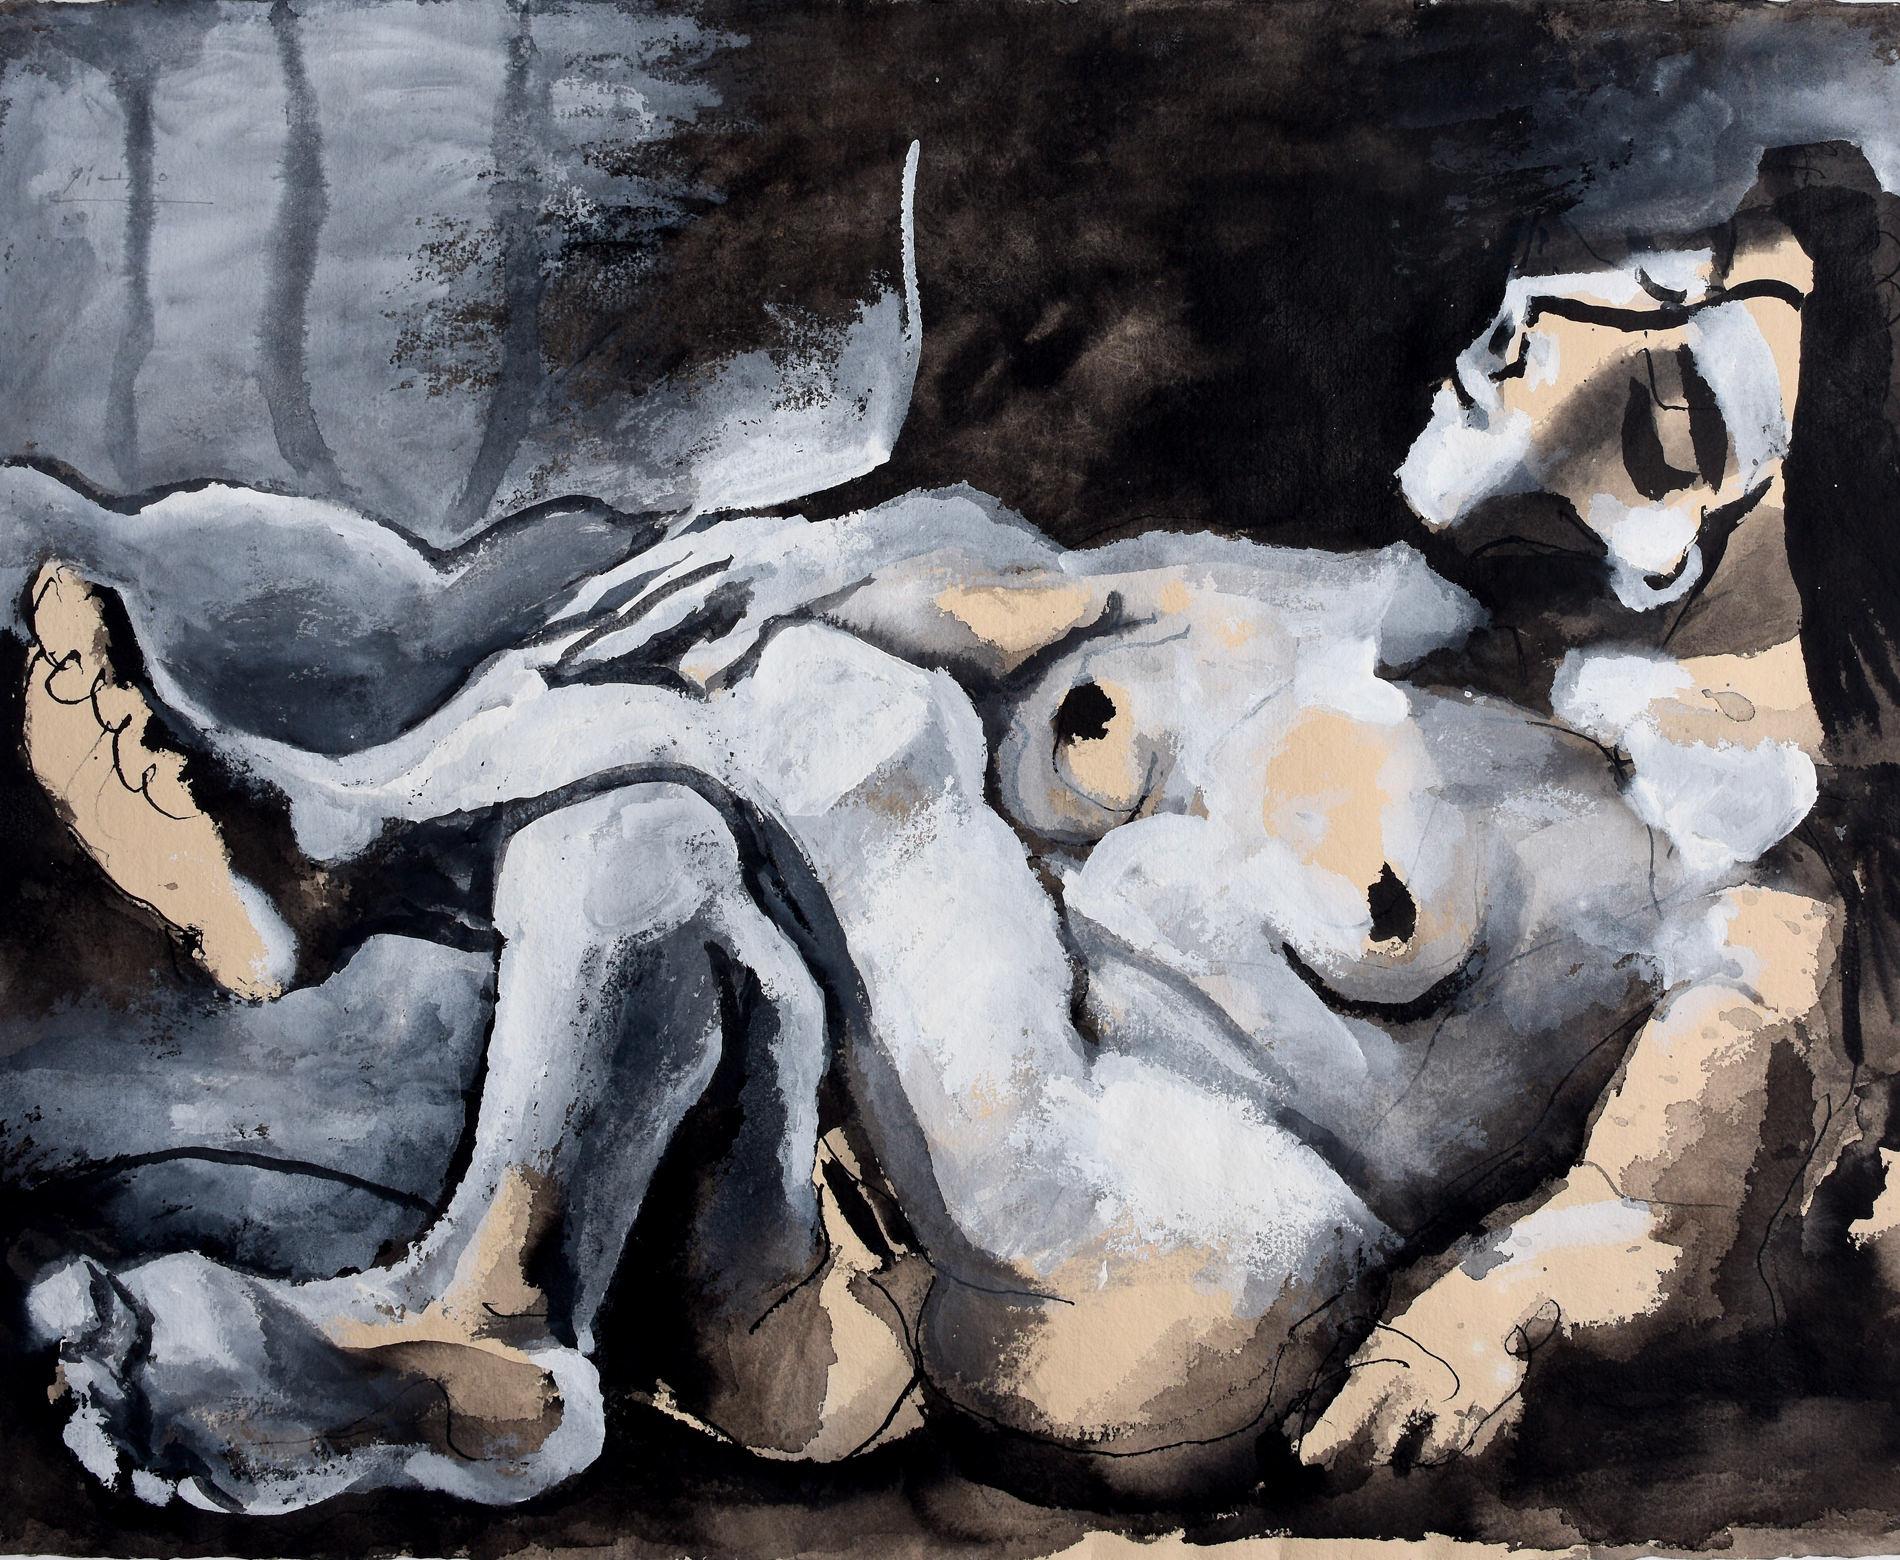 Fondation Louis Vuitton — Pablo Picasso, Femme Nue Couchée Dans Un Intérieur, 1961